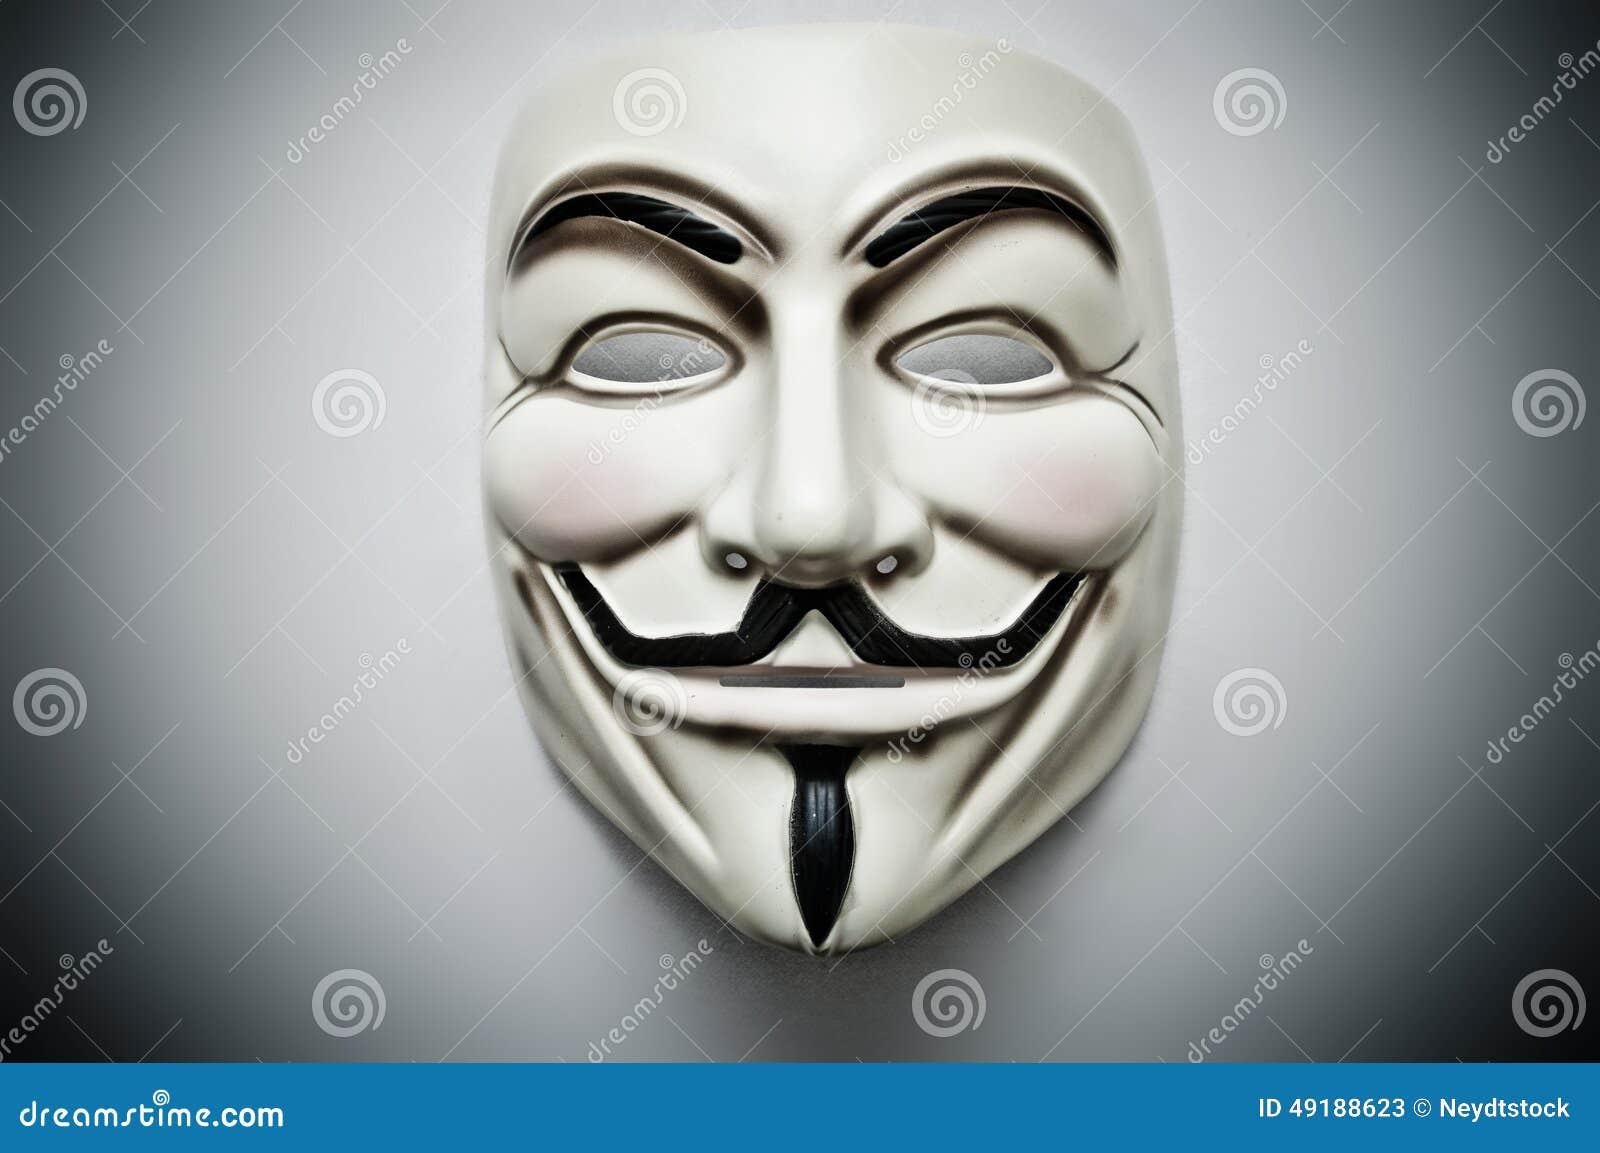 Vendetta Mask Editorial Stock Photo - Image: 49188623